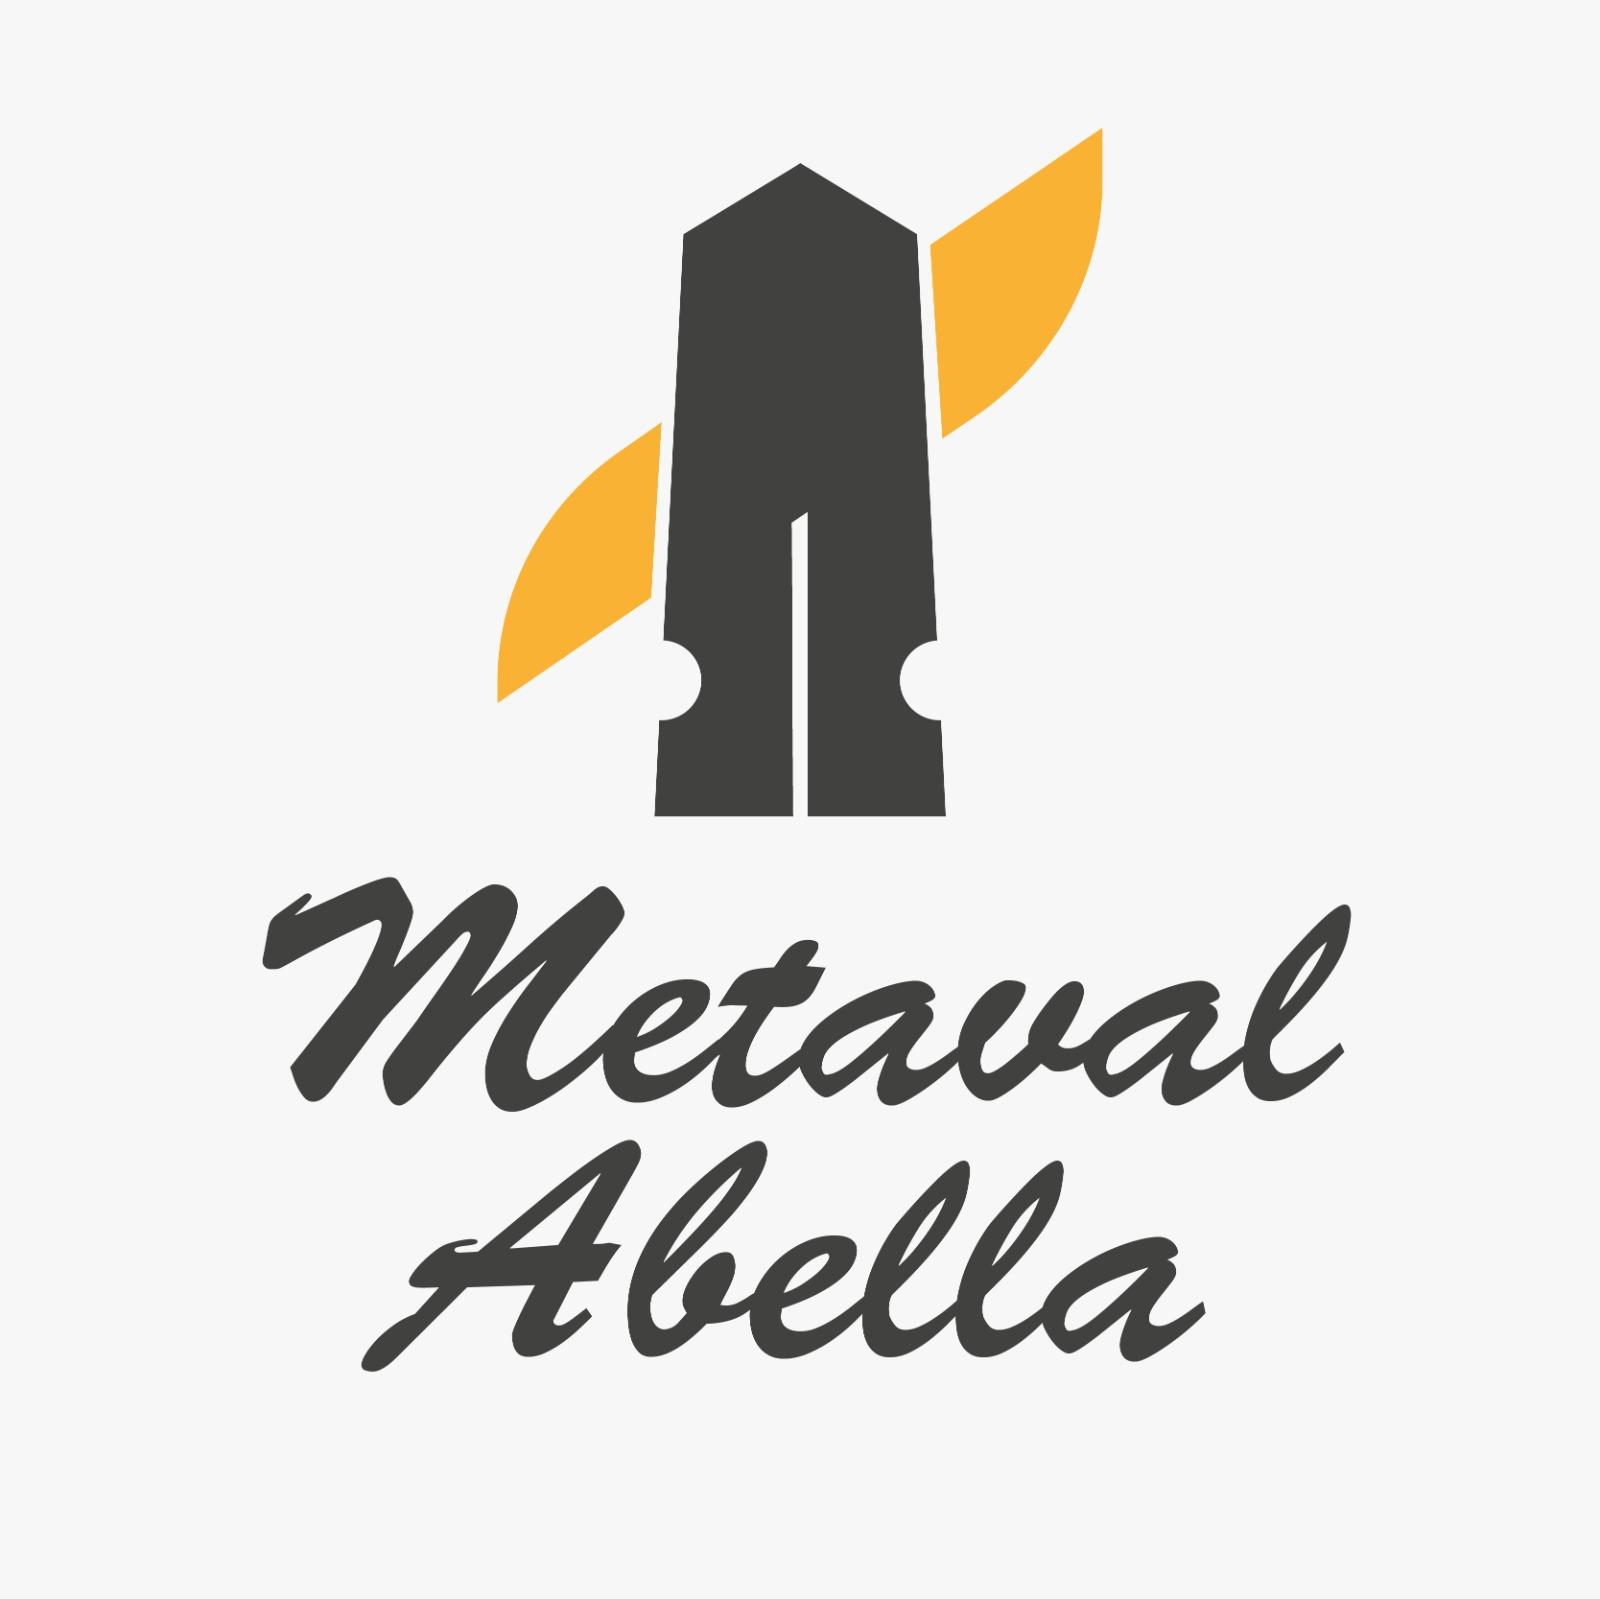 Metaval Abella S.L